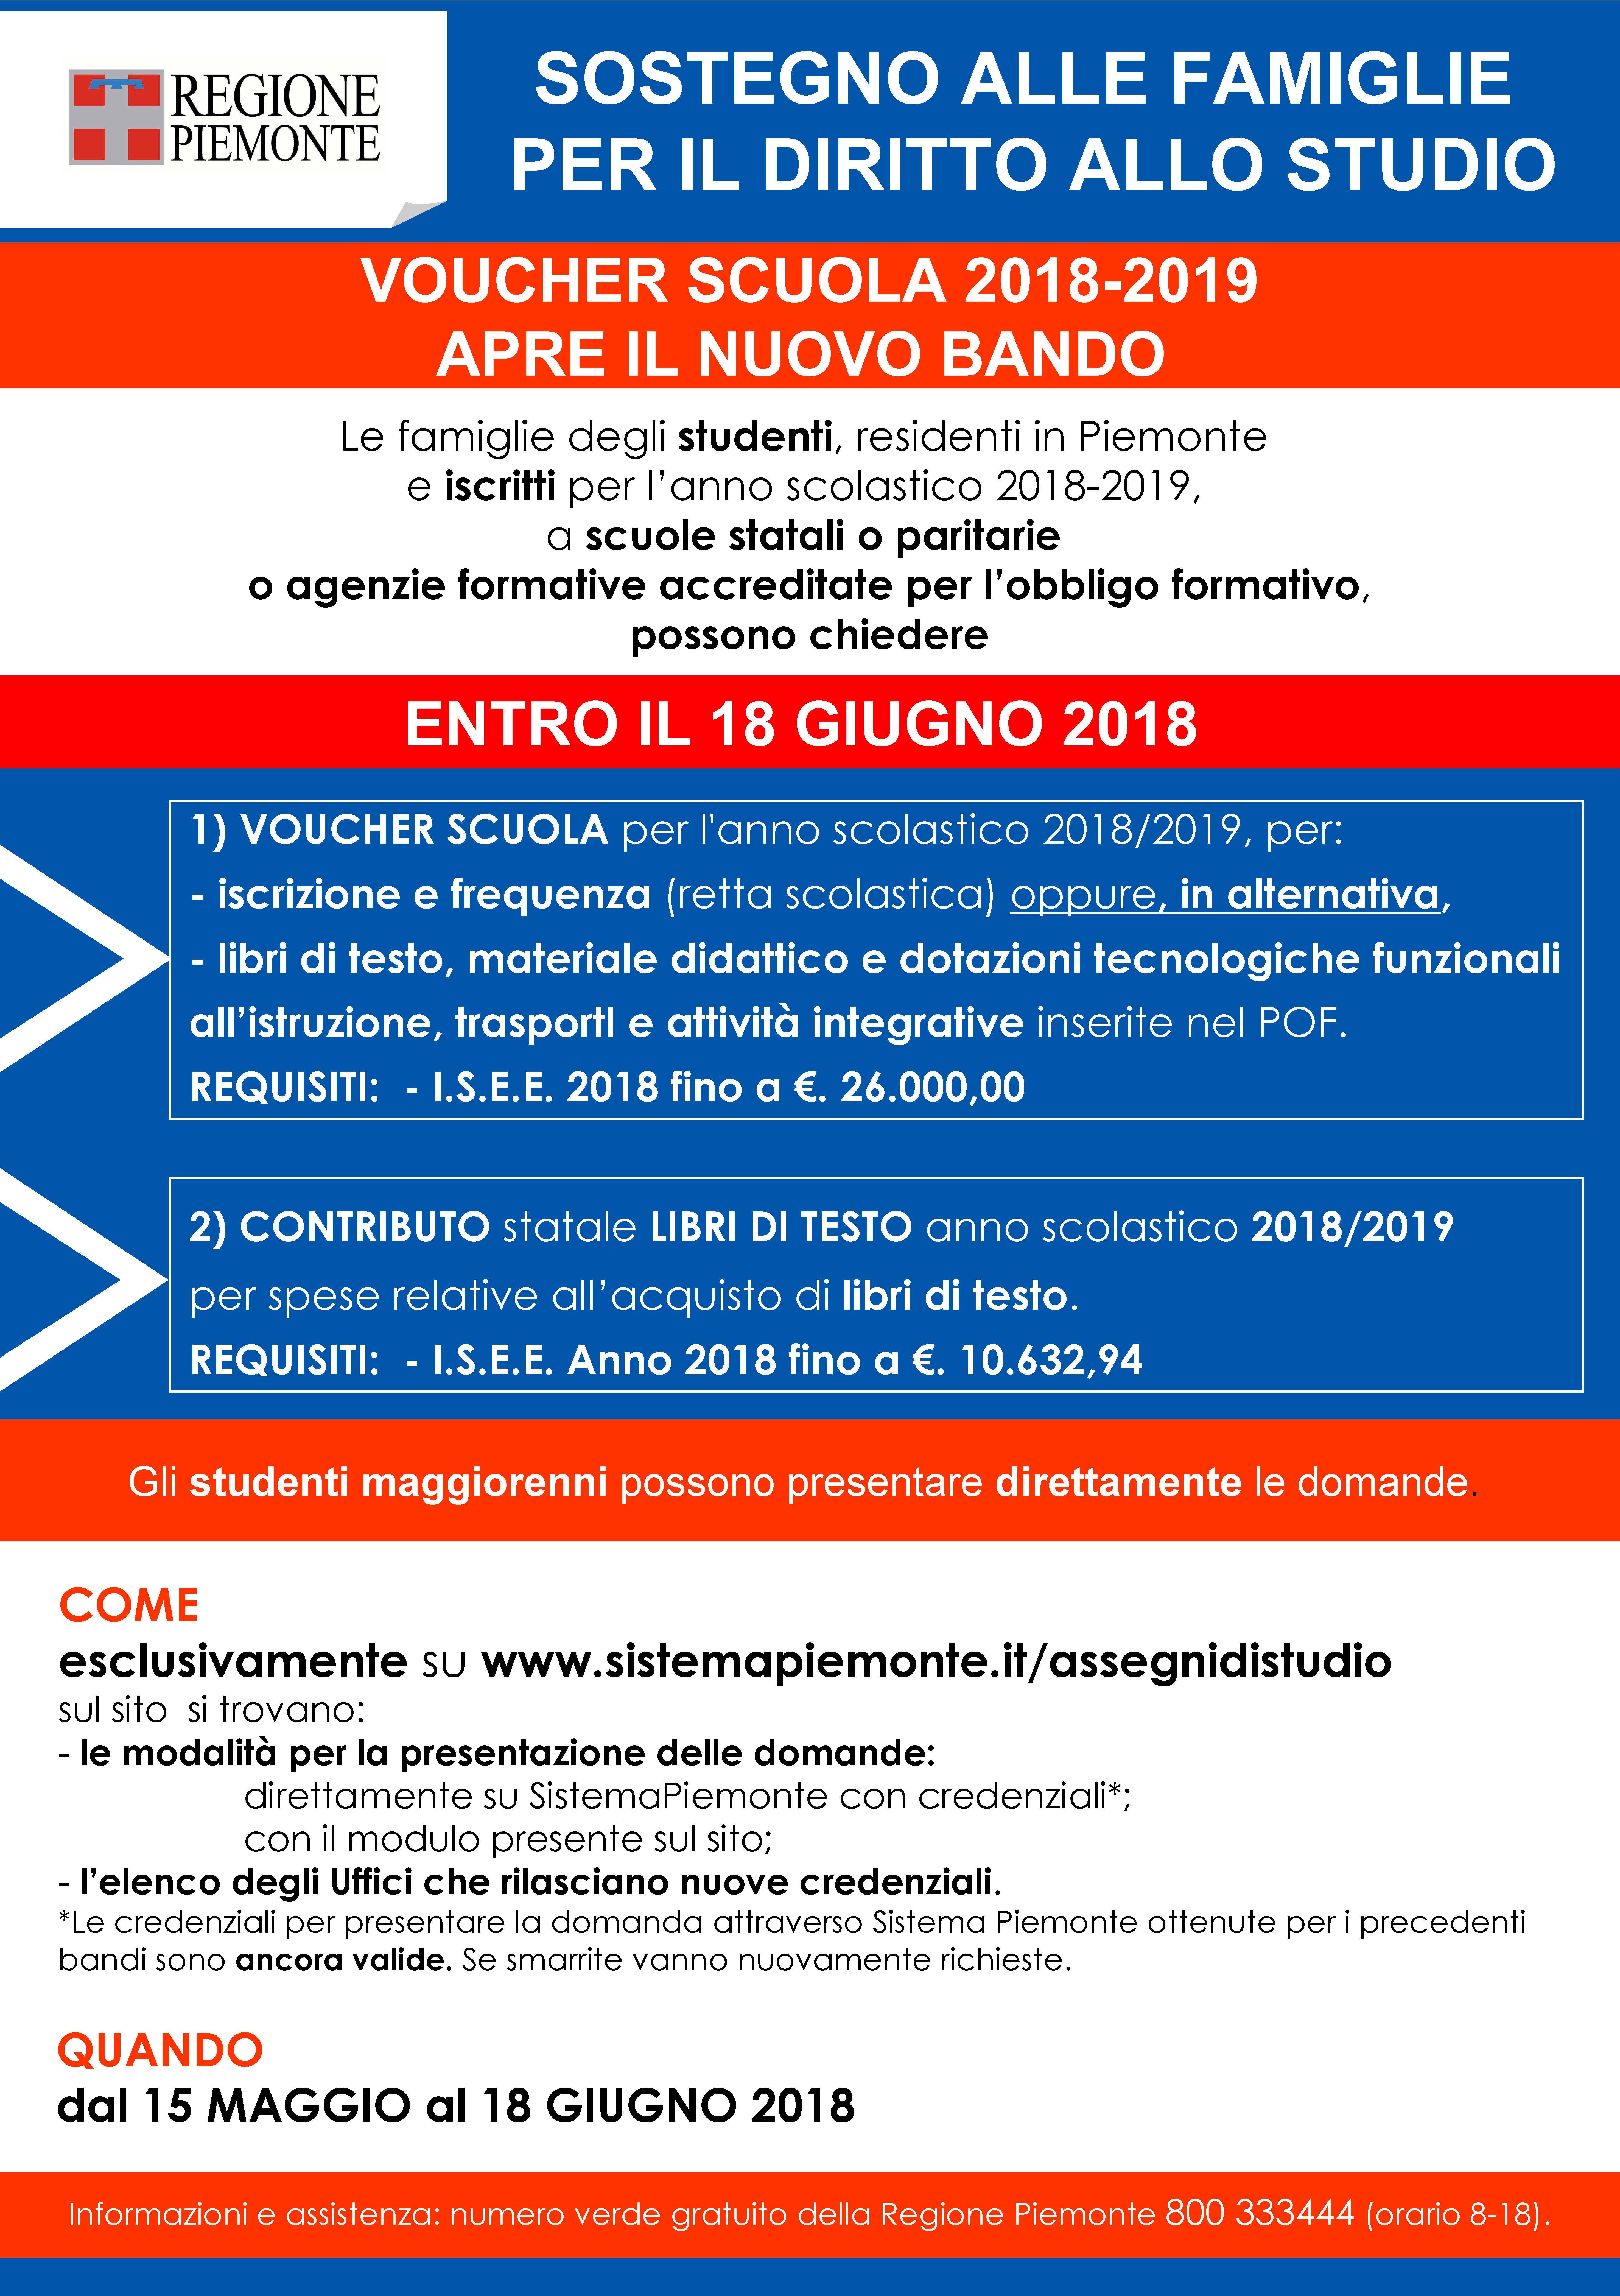 Calendario Scolastico 2019 E 2020 Piemonte.Comunicazione Della Regione Piemonte Sul Bando Voucher